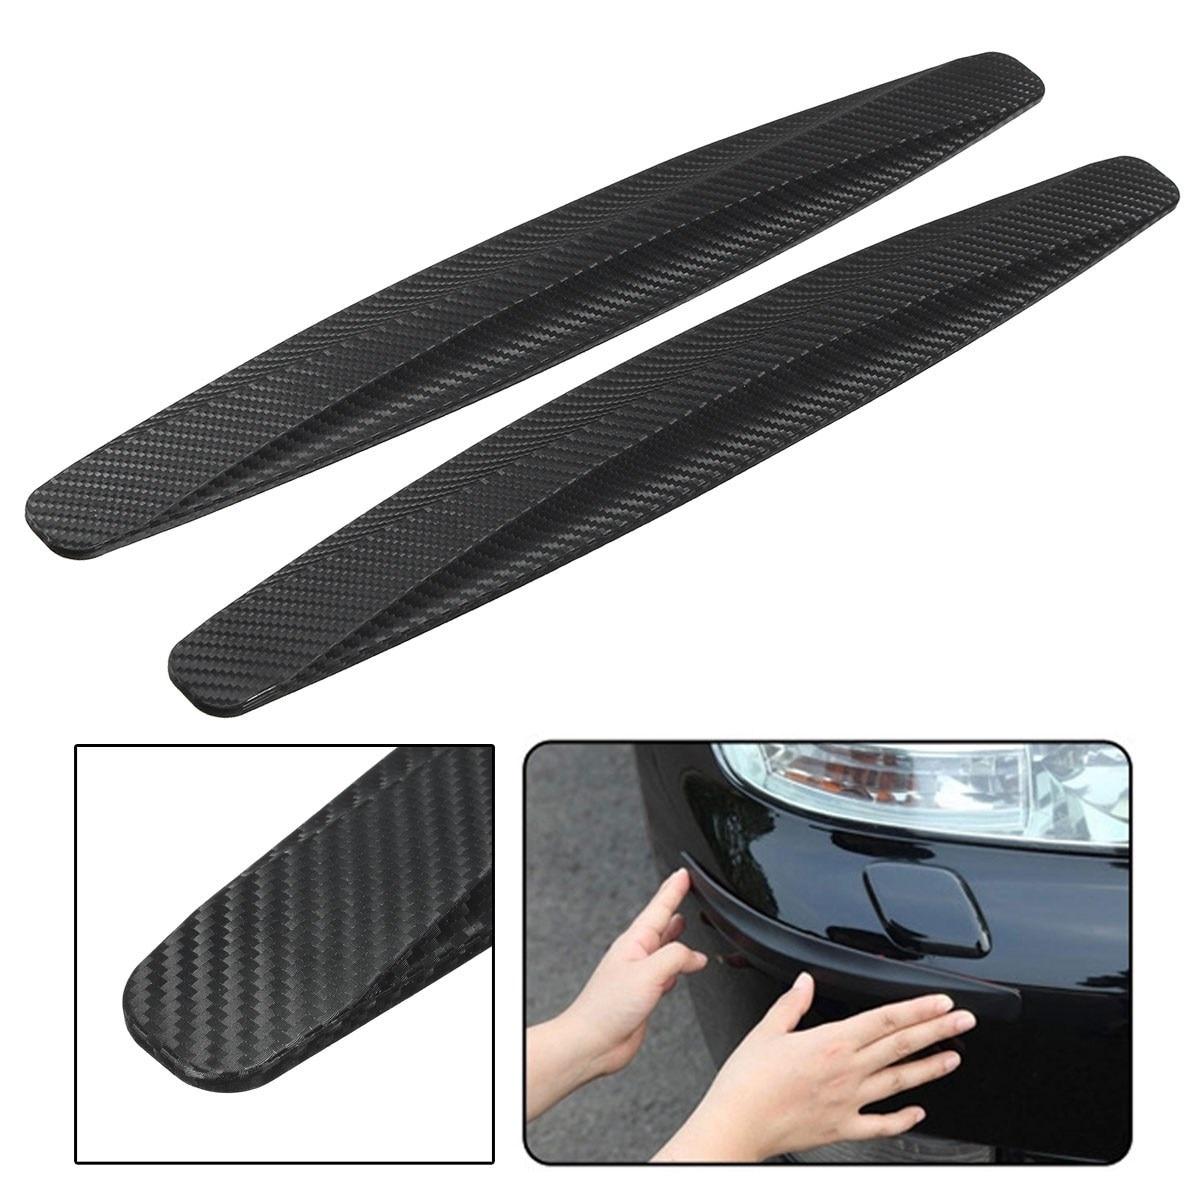 2 uds. De Protector Universal de fibra de carbono para coches, barras protectoras para esquinas de carrocería, Protector de parachoques